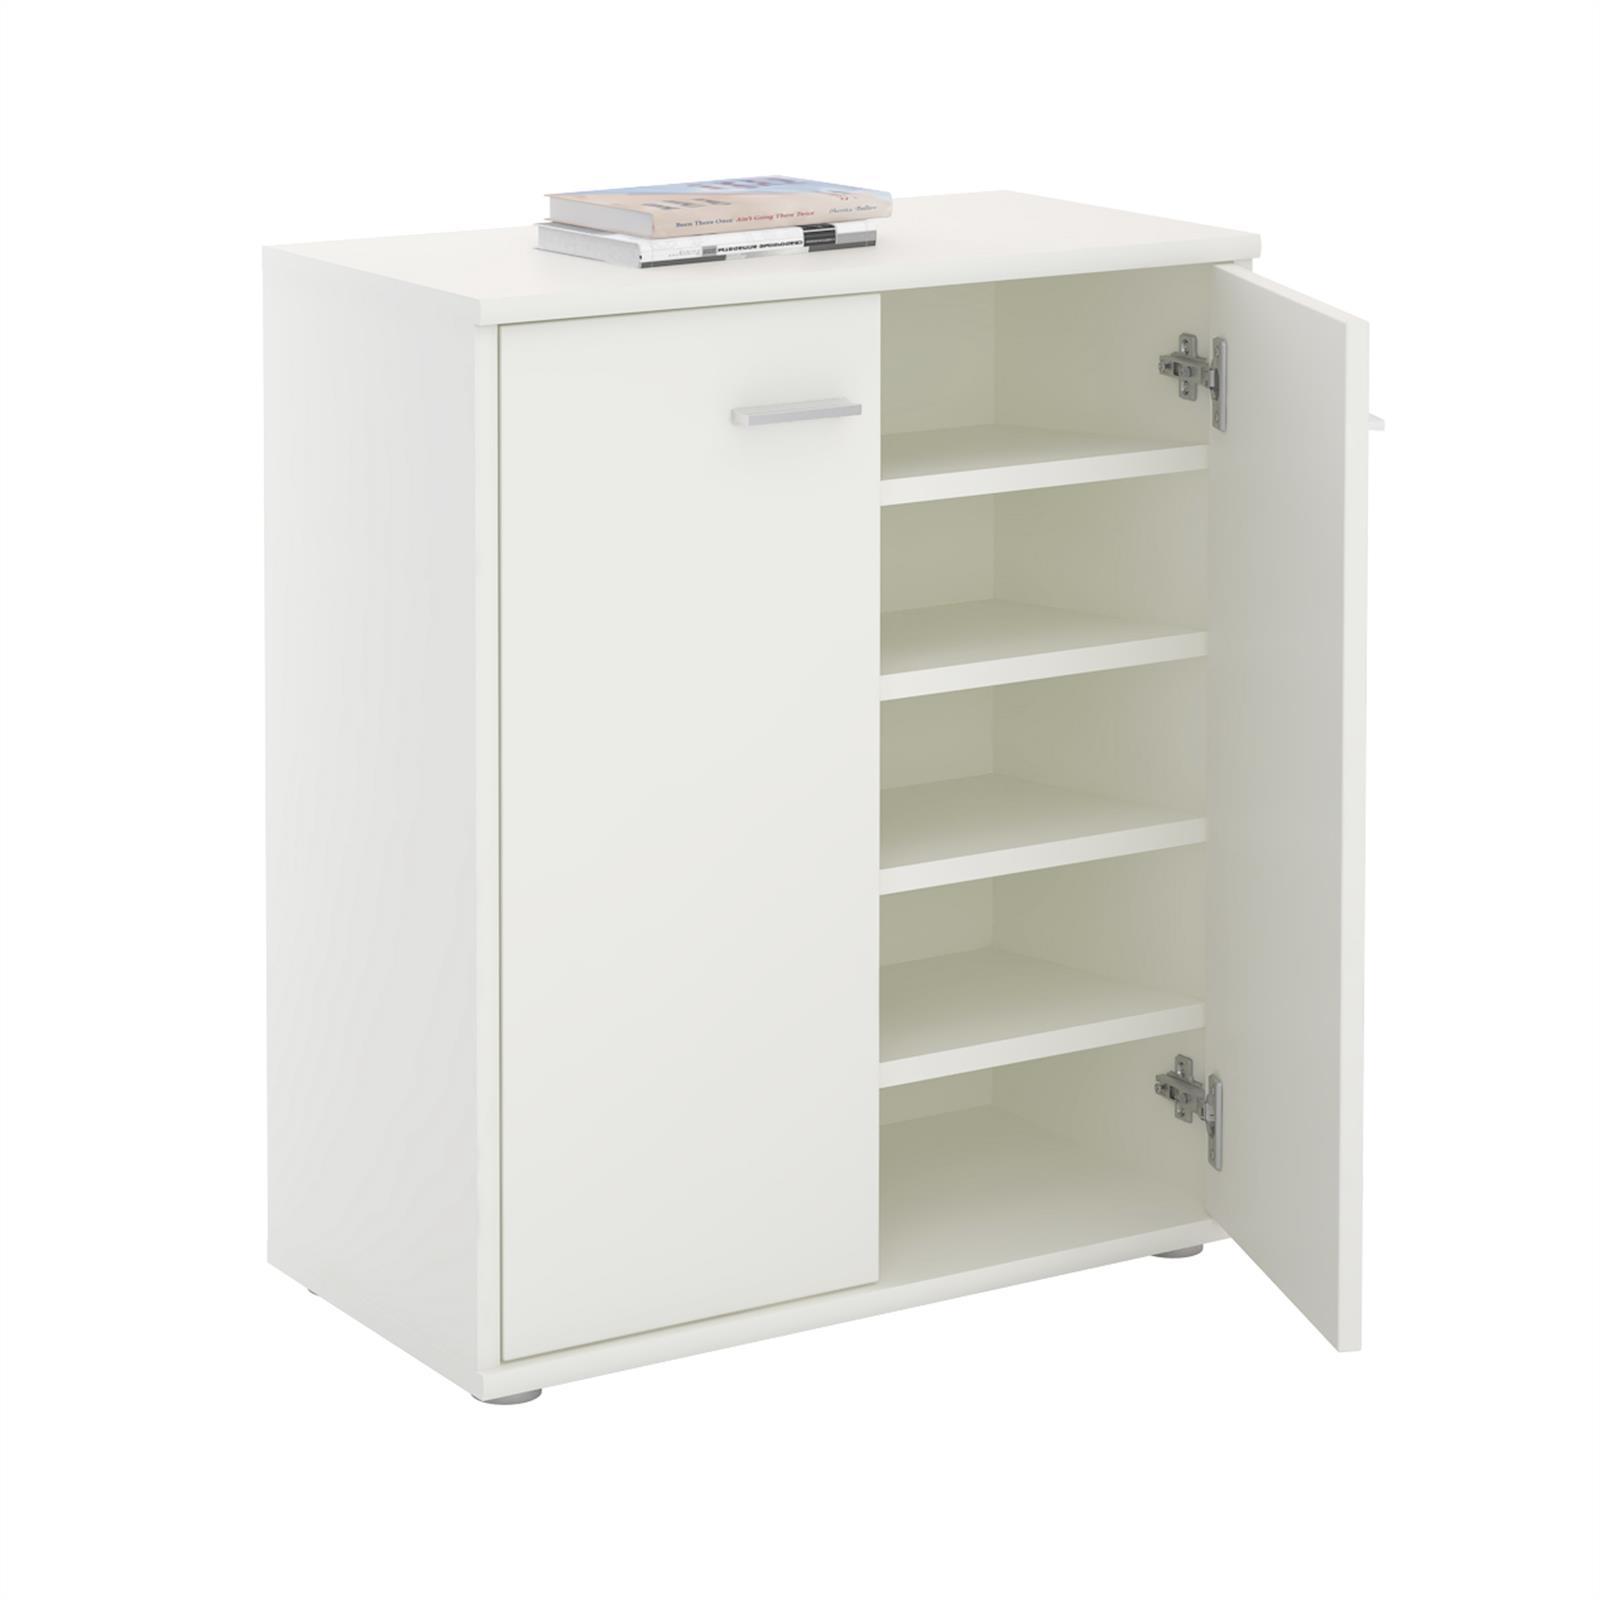 schuhschrank schuhkommode aufbewahrung flurkommode diele anrichte ebay. Black Bedroom Furniture Sets. Home Design Ideas